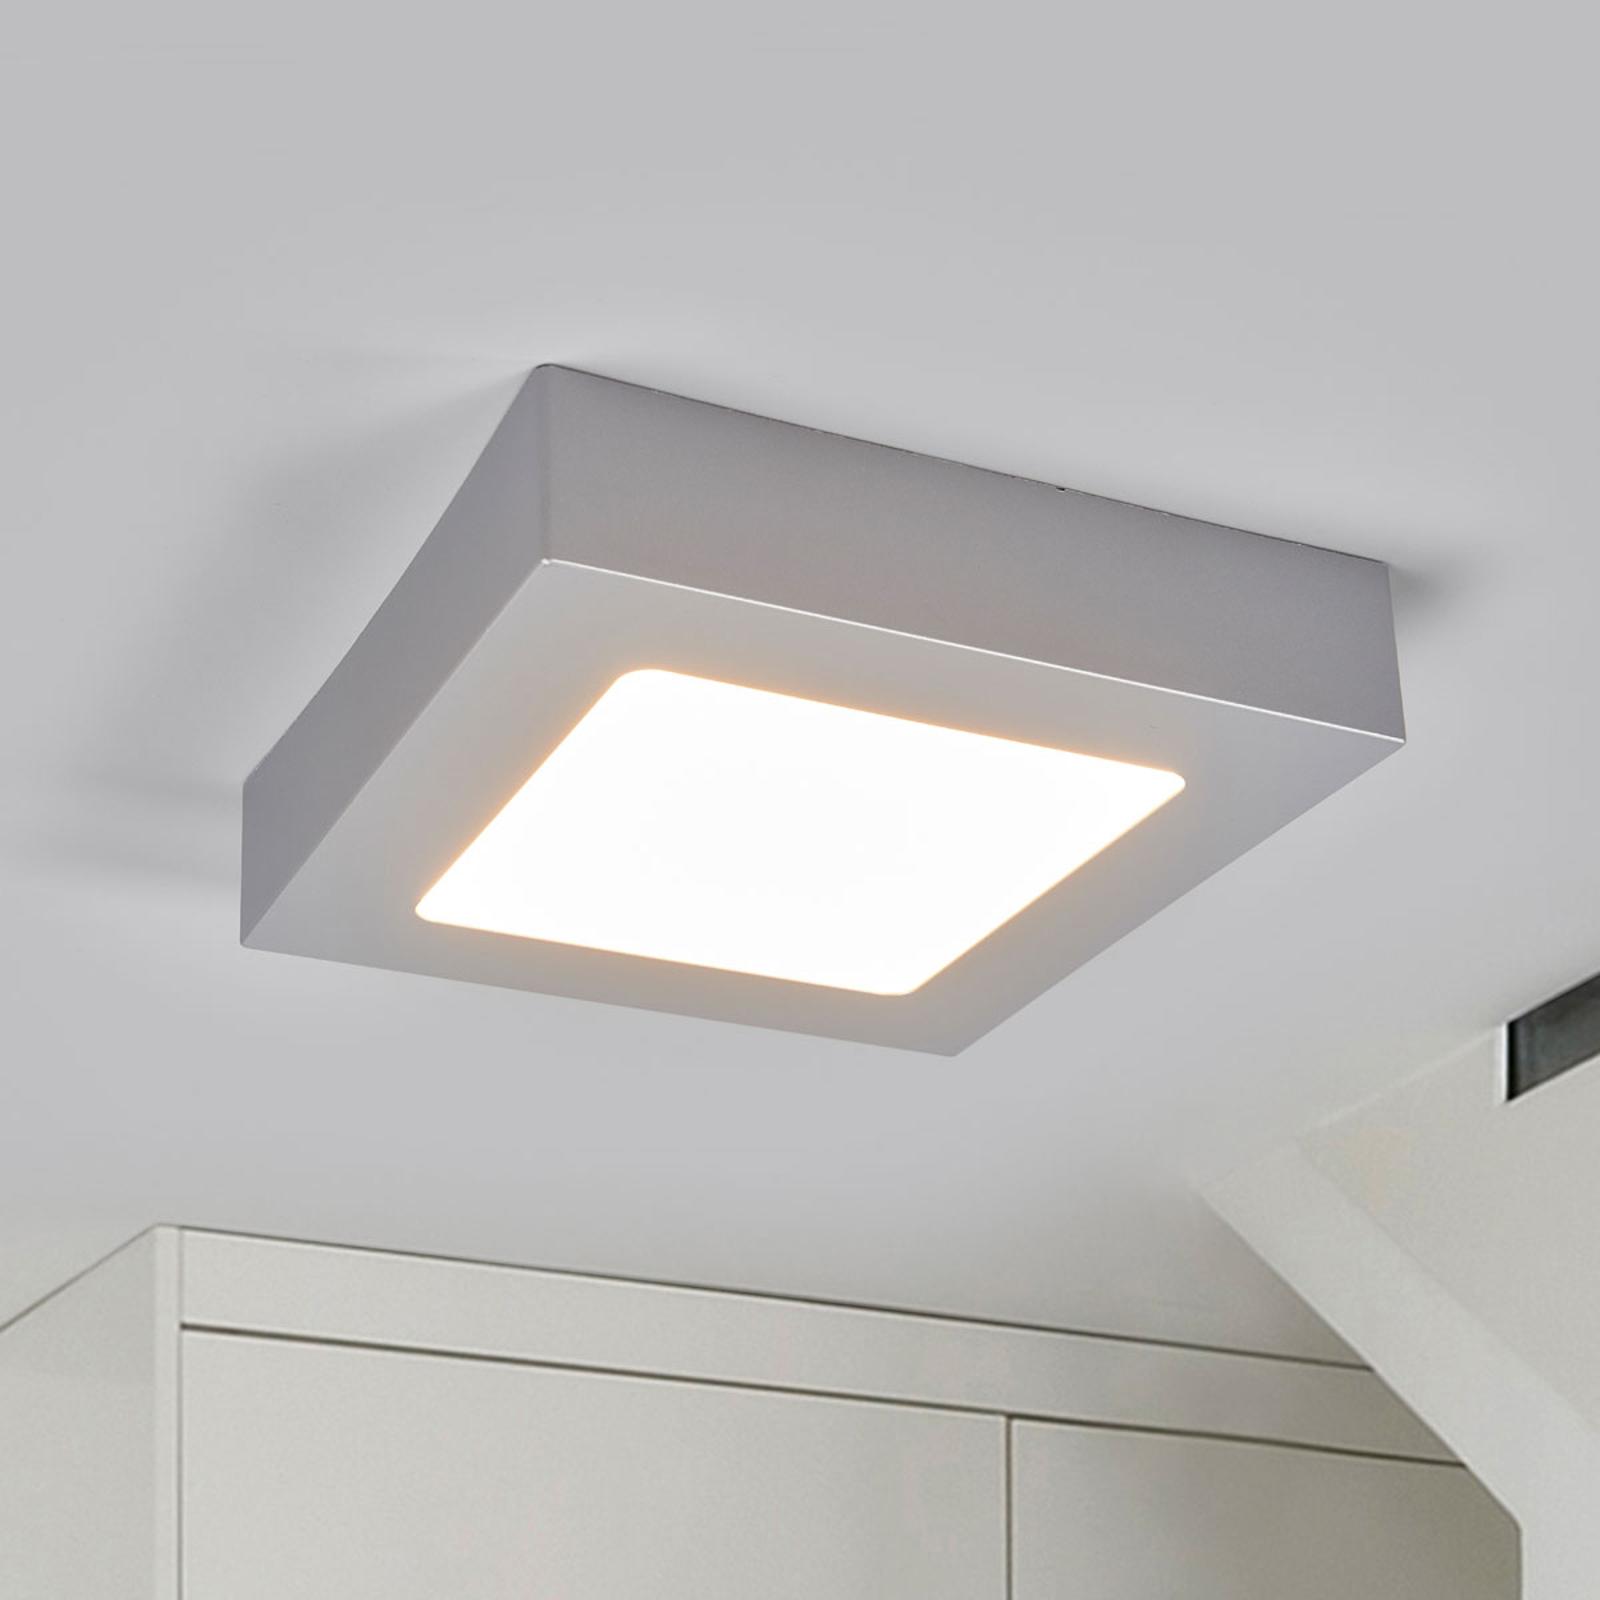 LED-taklampe Marlo sølv 3 000K kantet 18,1cm